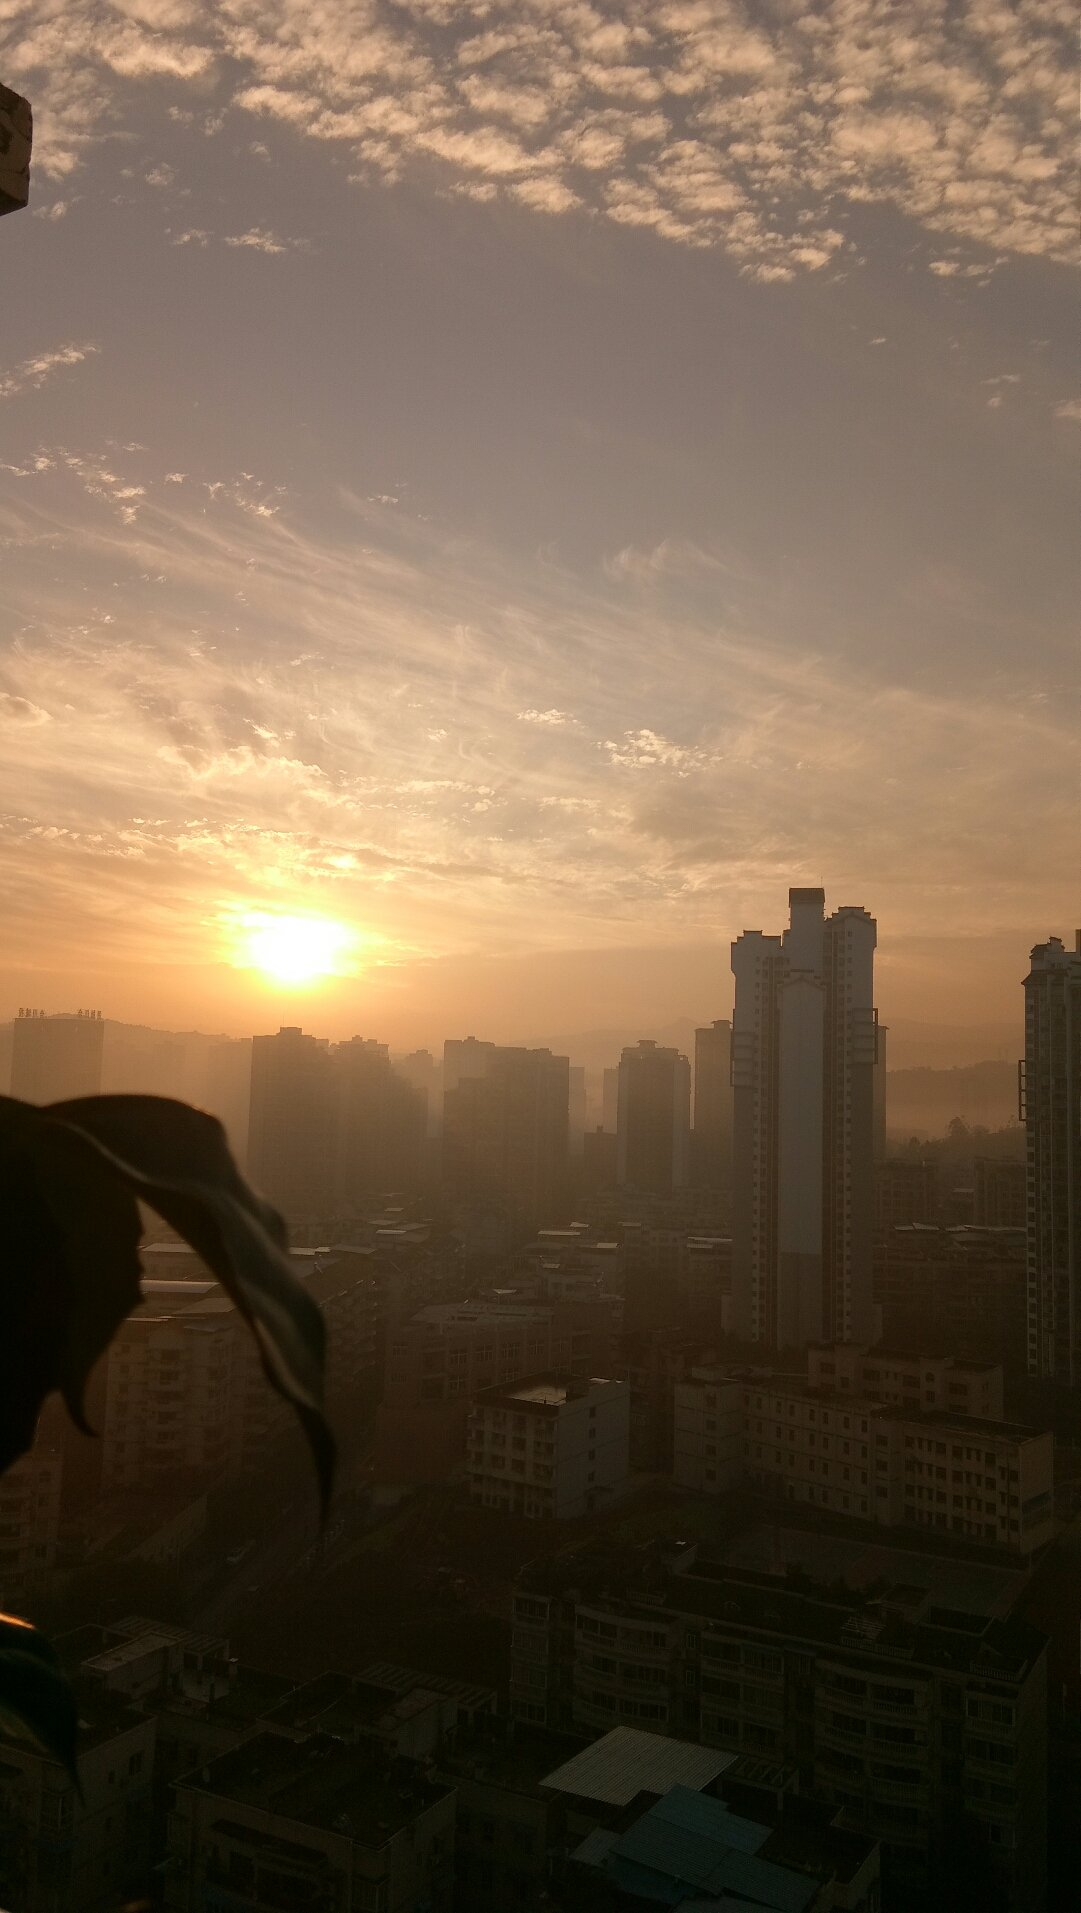 重庆市合川区南津街街道振兴路36号山湾湖畔住宅小区天气预报